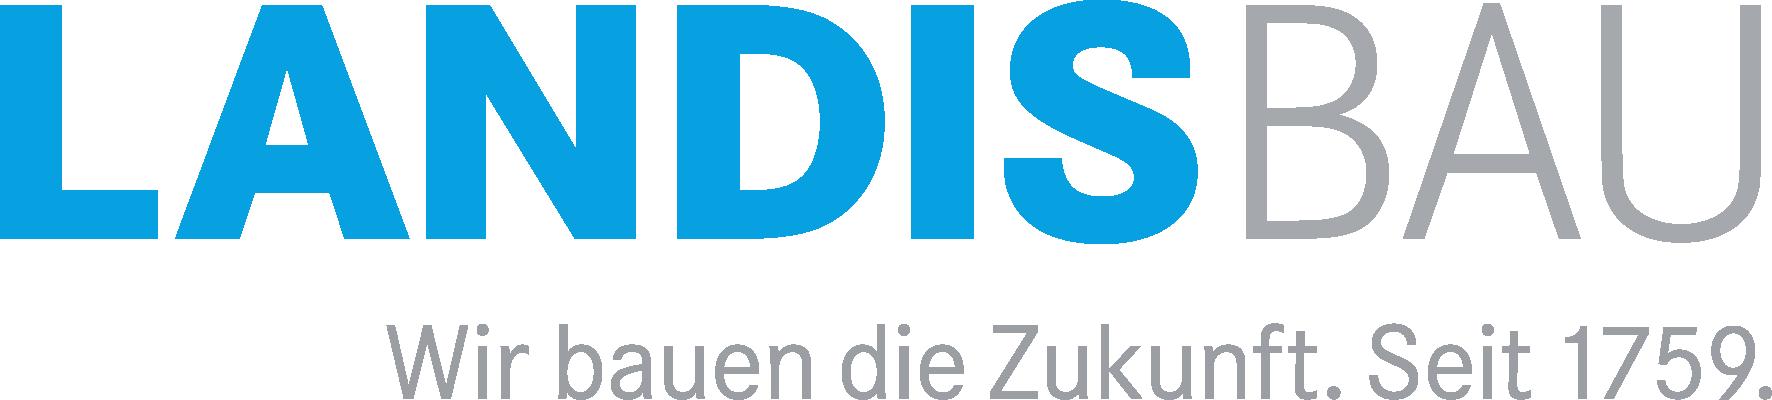 AA_logo_landis